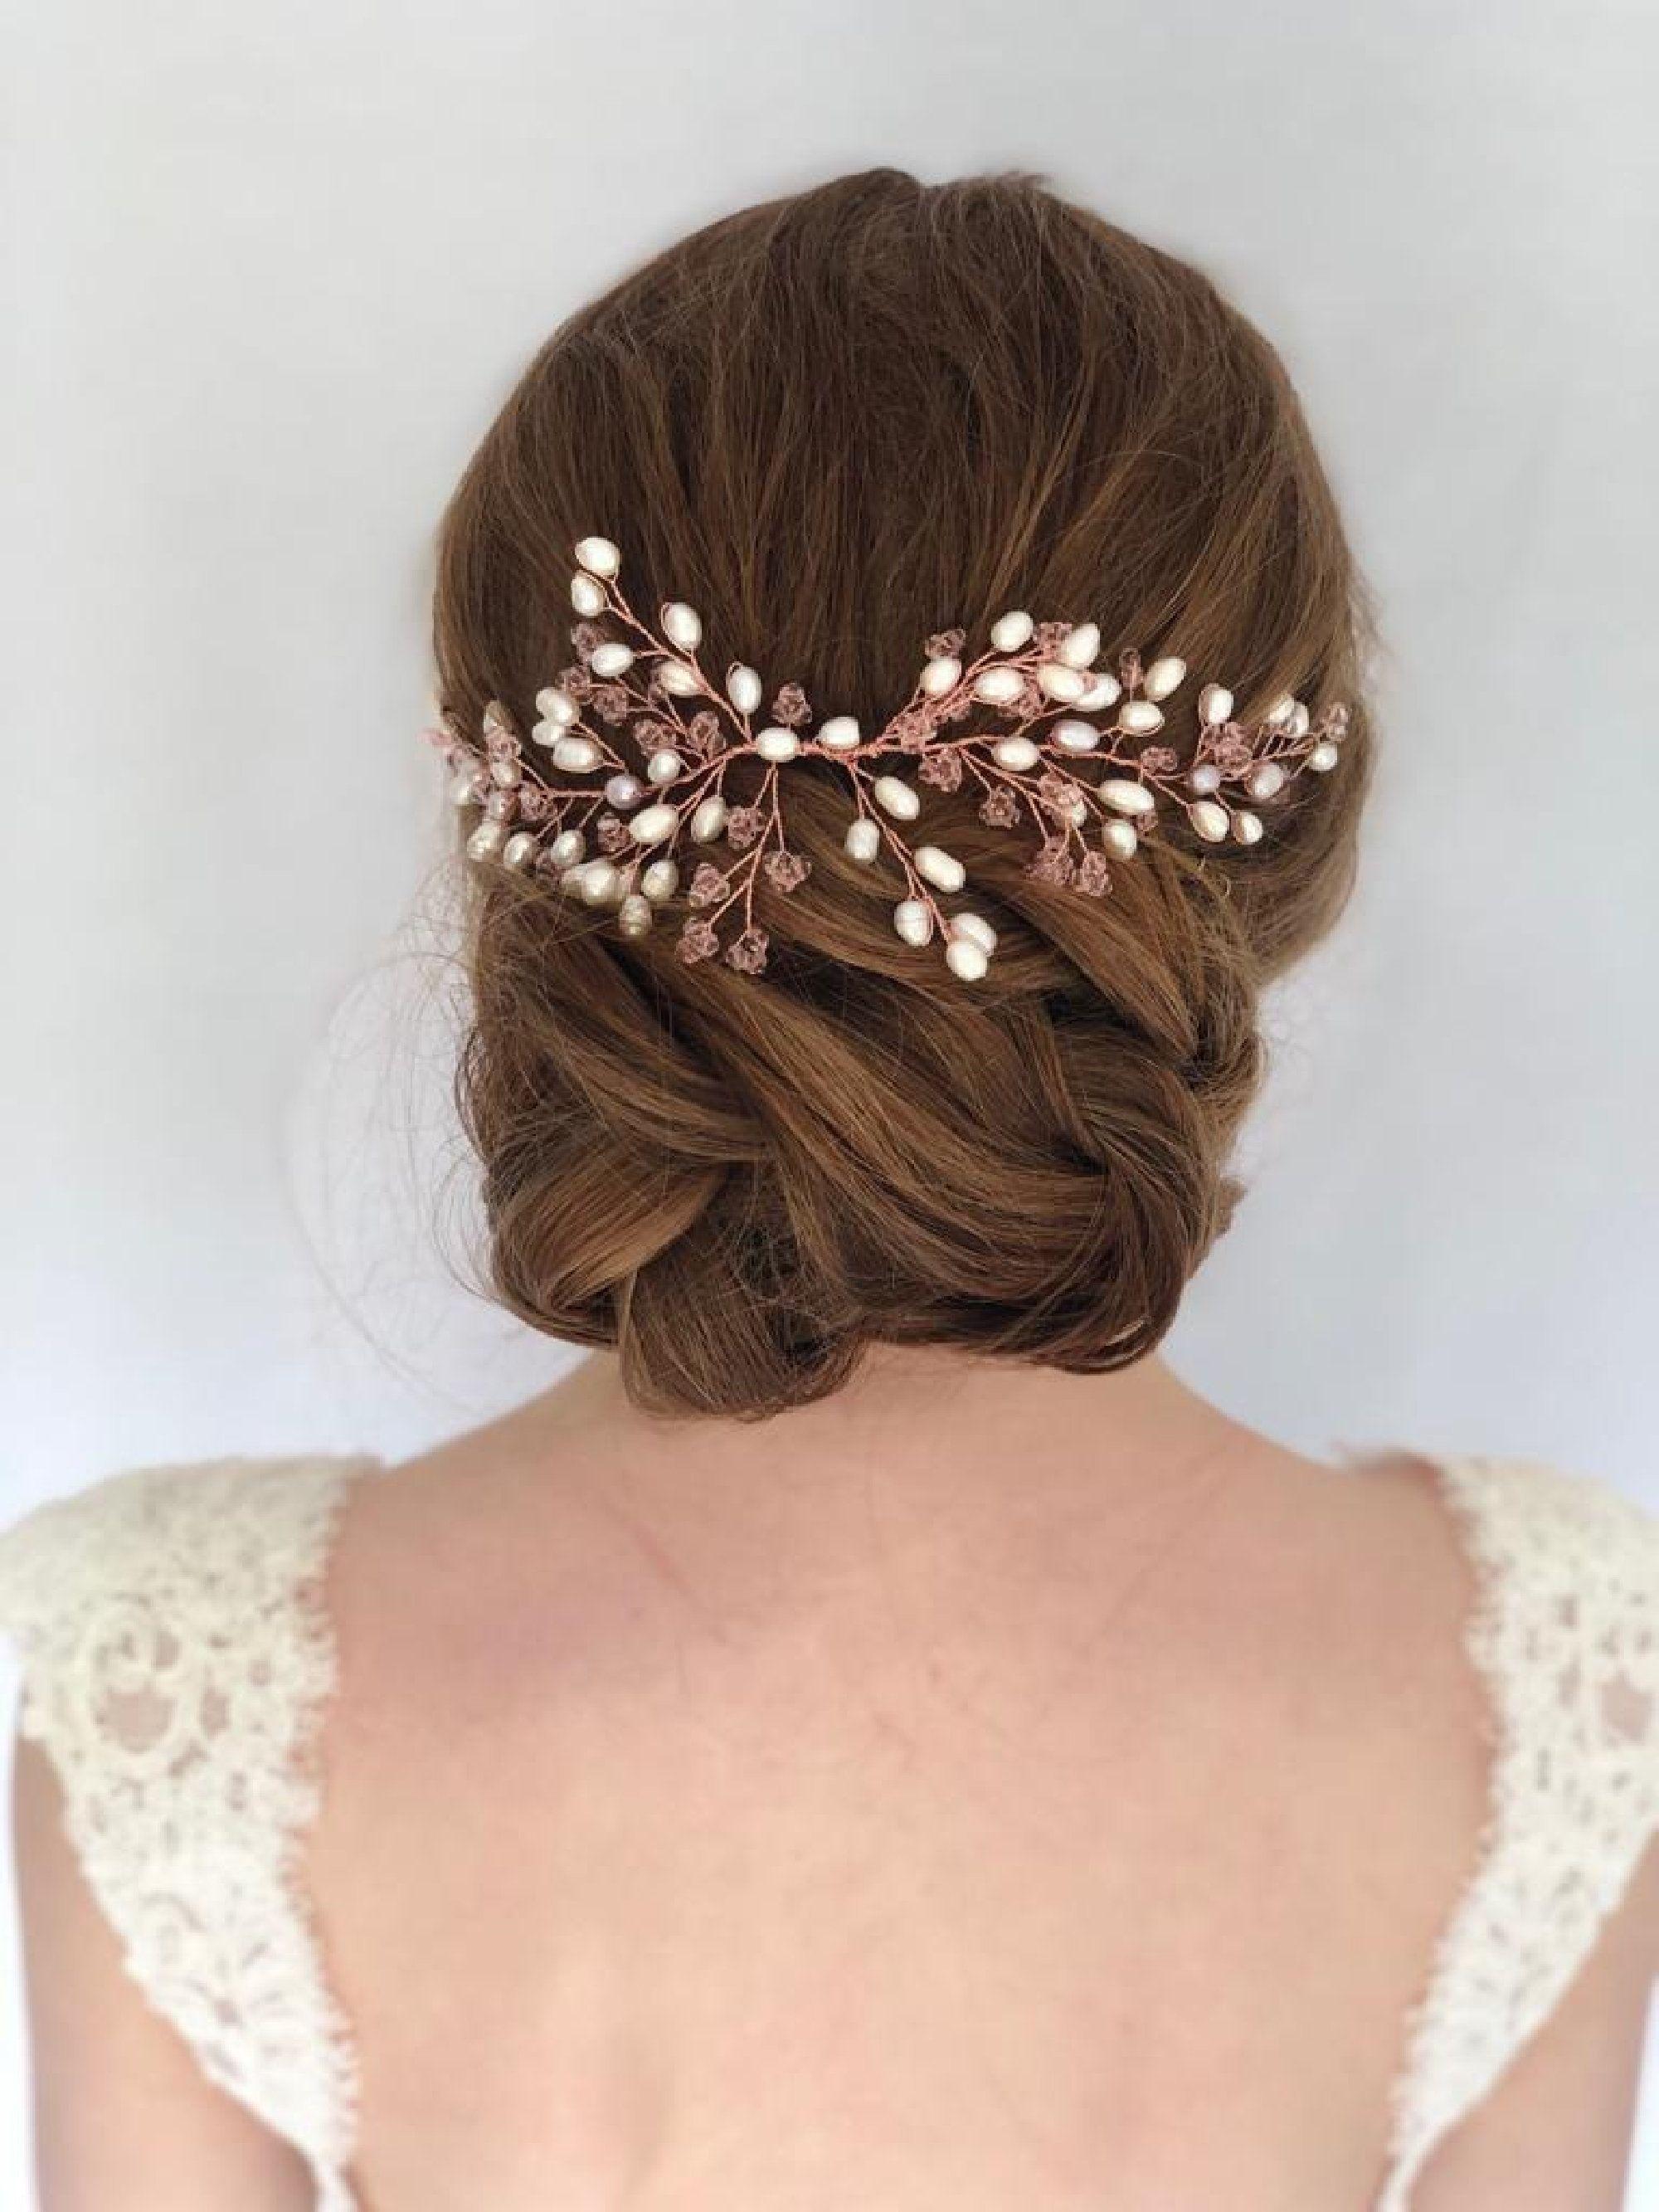 Pearl Wedding Hair Pins Rose Gold Pearl Hair Pins Set of 6,9,12 Pearl Hair Accessory Rose Gold Pearl Bobby Pins Pearl Bridal Hair Pins